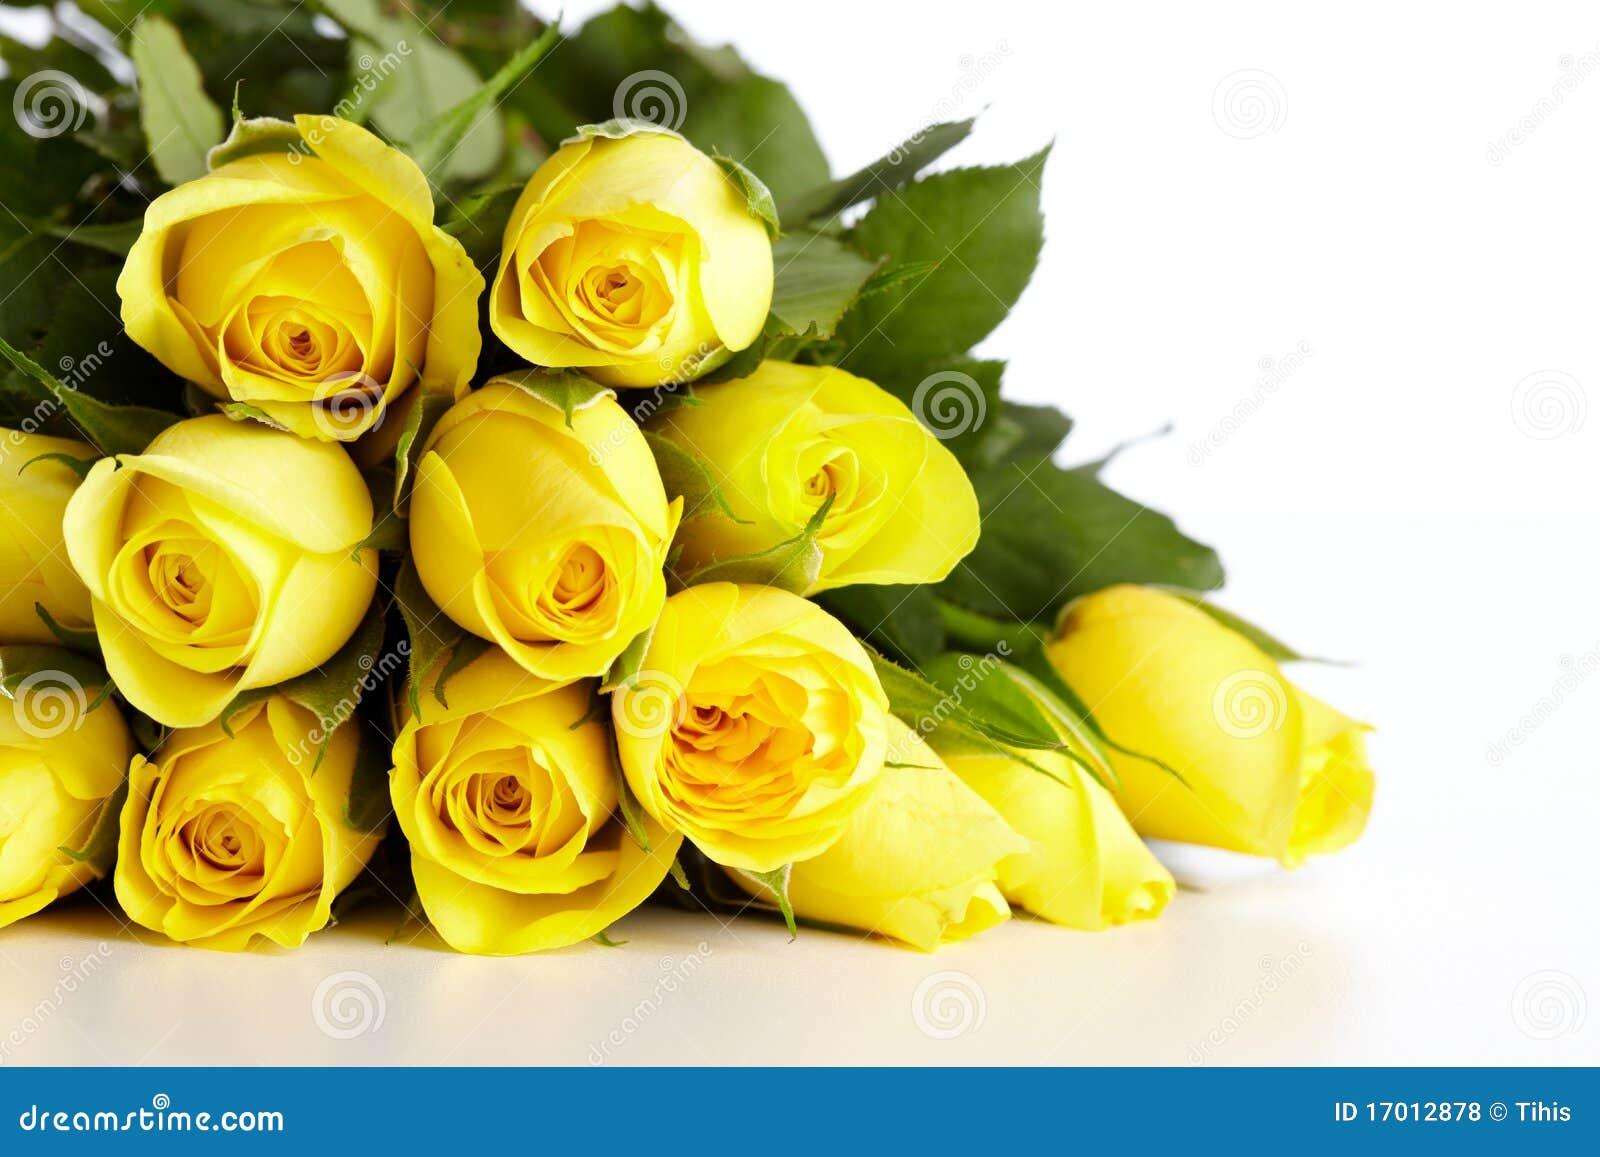 Rose Da Taglio Rifiorenti fiori - lessons - tes teach